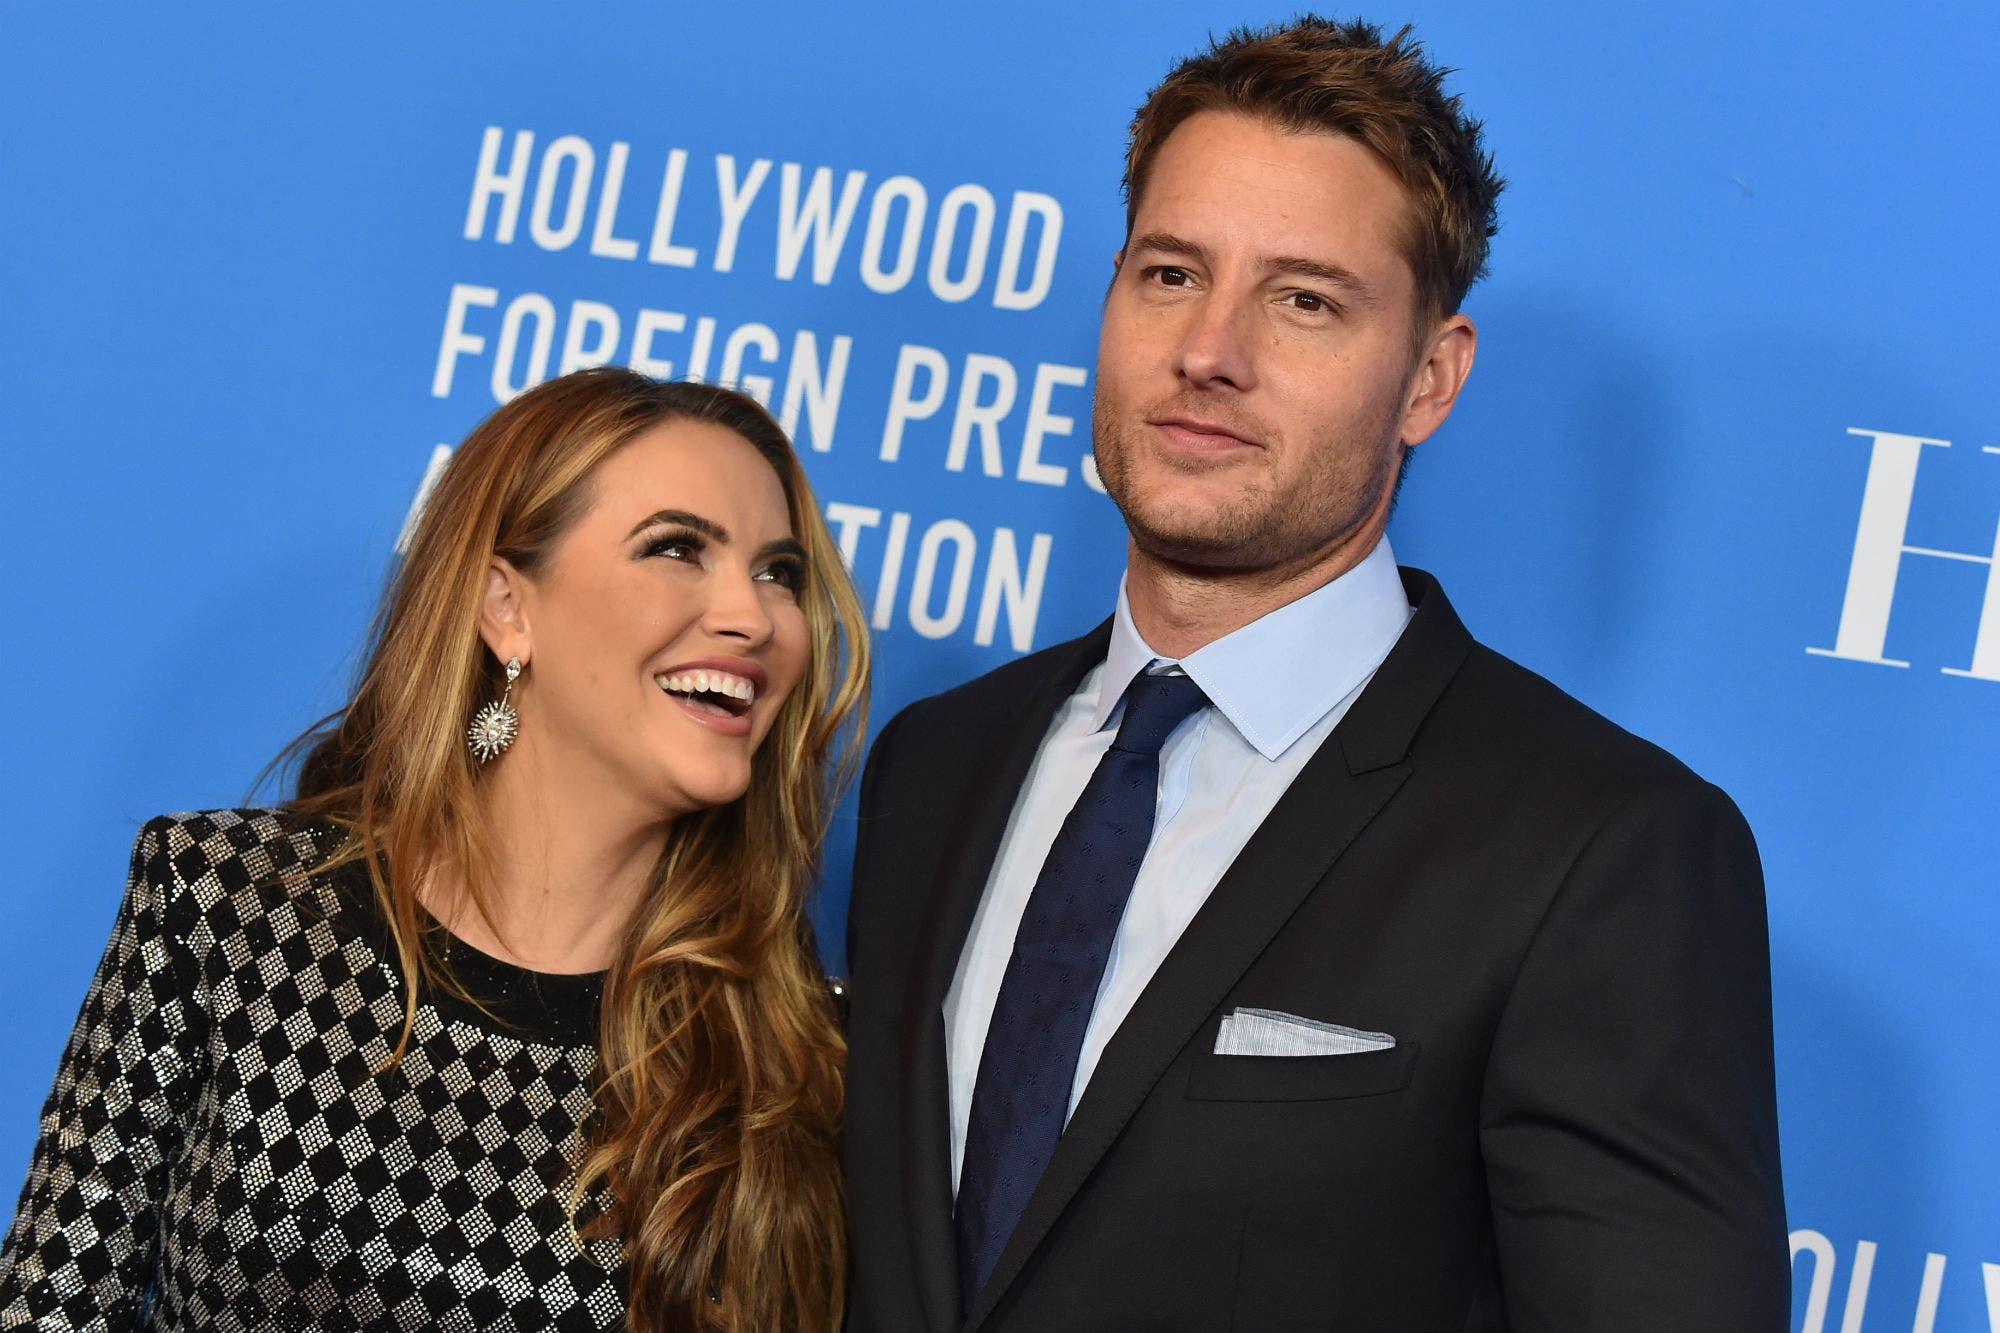 Mentiras, engaños y acusaciones: cómo es el escandaloso divorcio de un actor de This Is Us